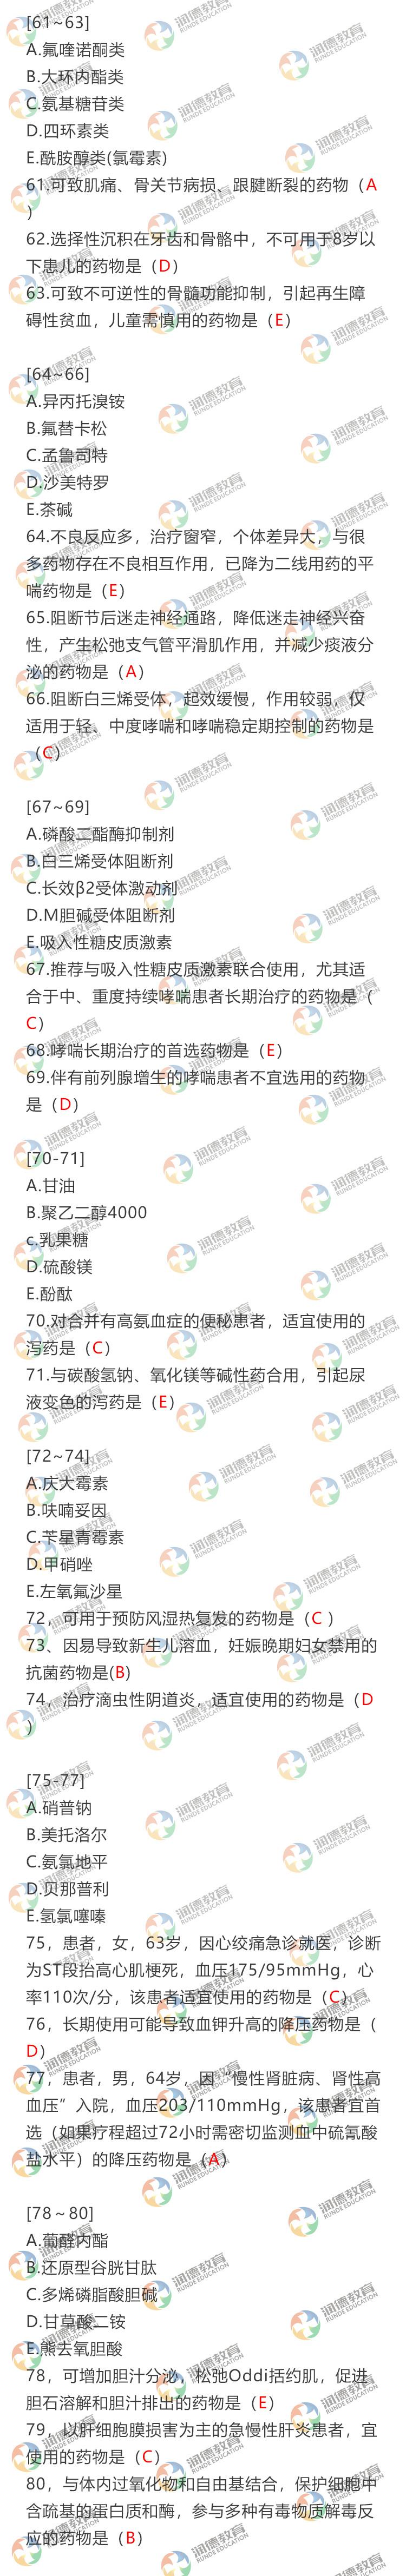 执业药师西药二51-60.jpg